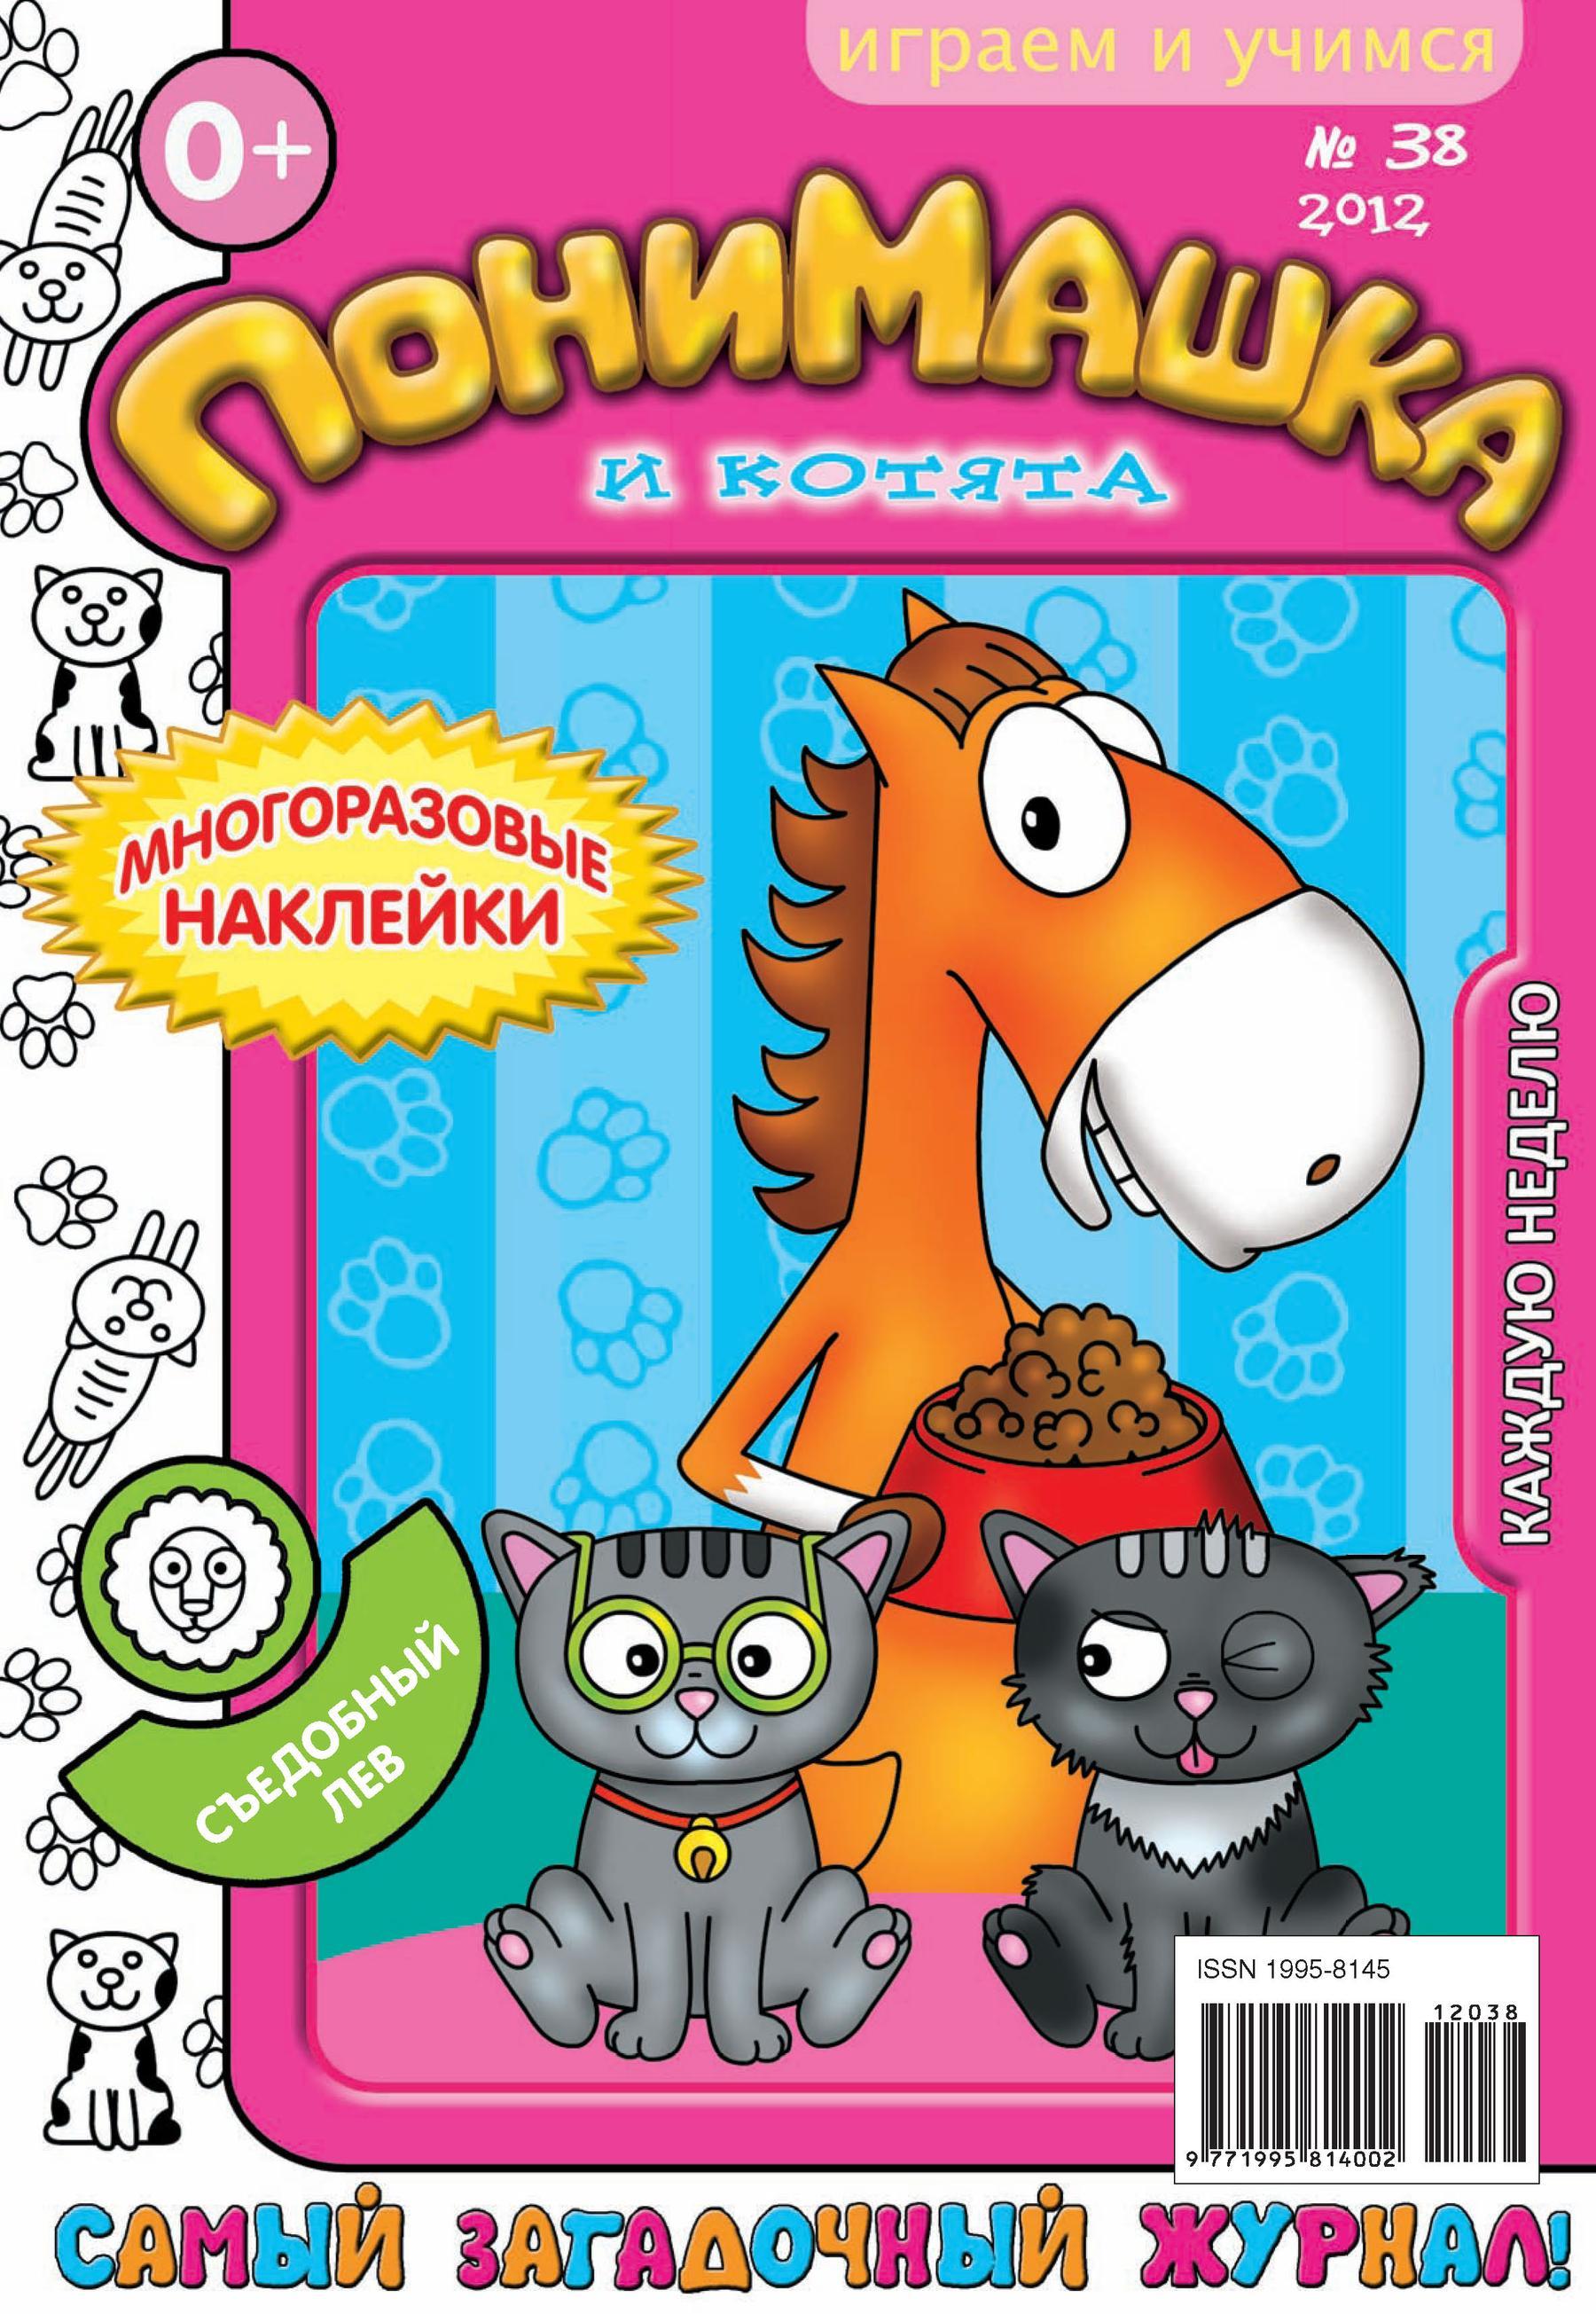 Открытые системы ПониМашка. Развлекательно-развивающий журнал. №38 (октябрь) 2012